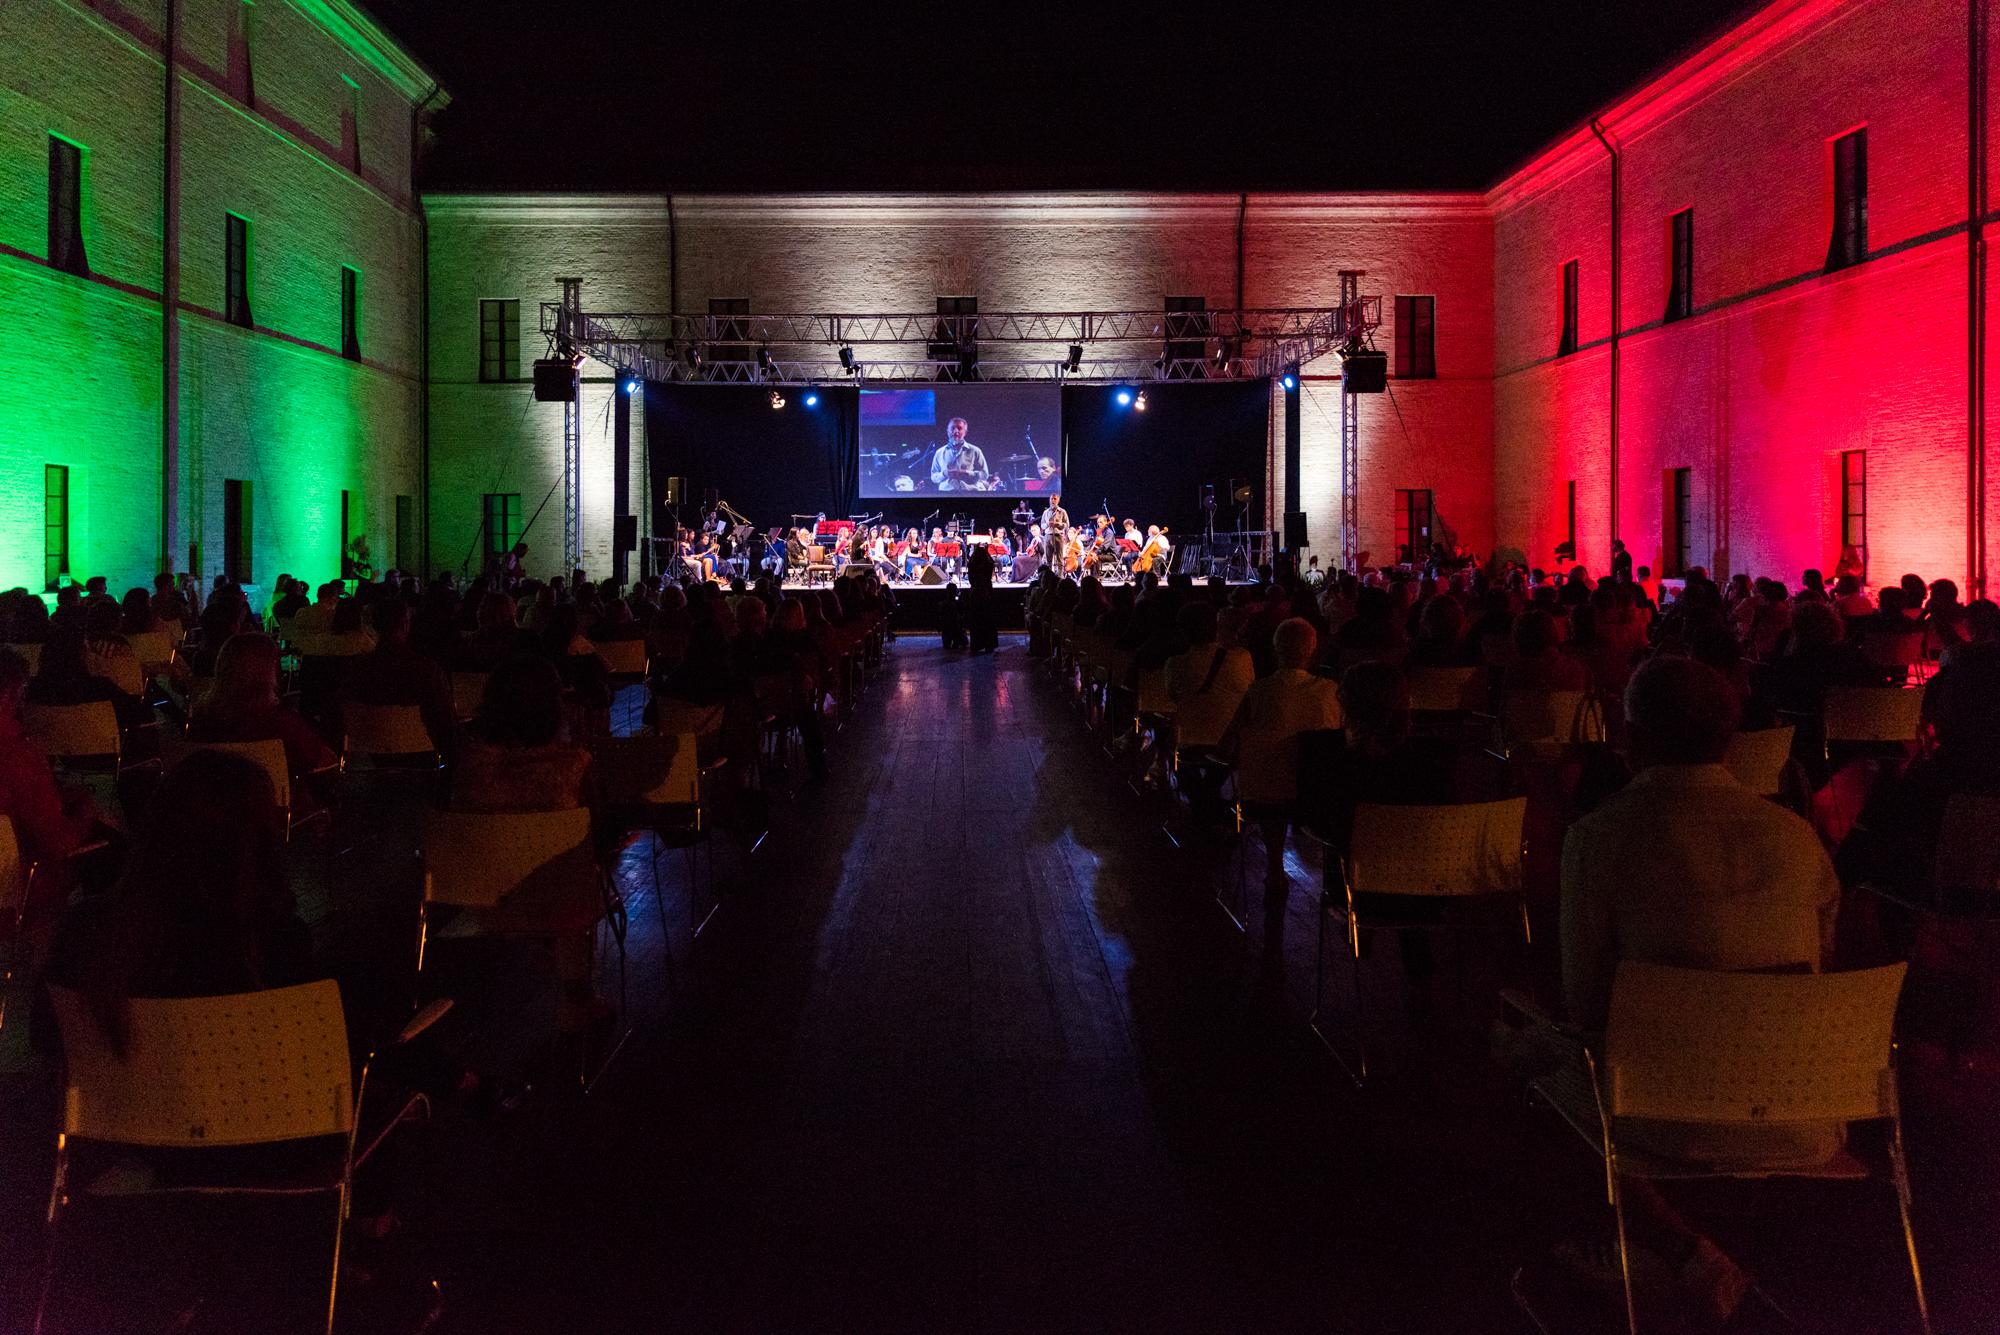 Serata del Festival Caterina in Arena San Domenico settembre 2020